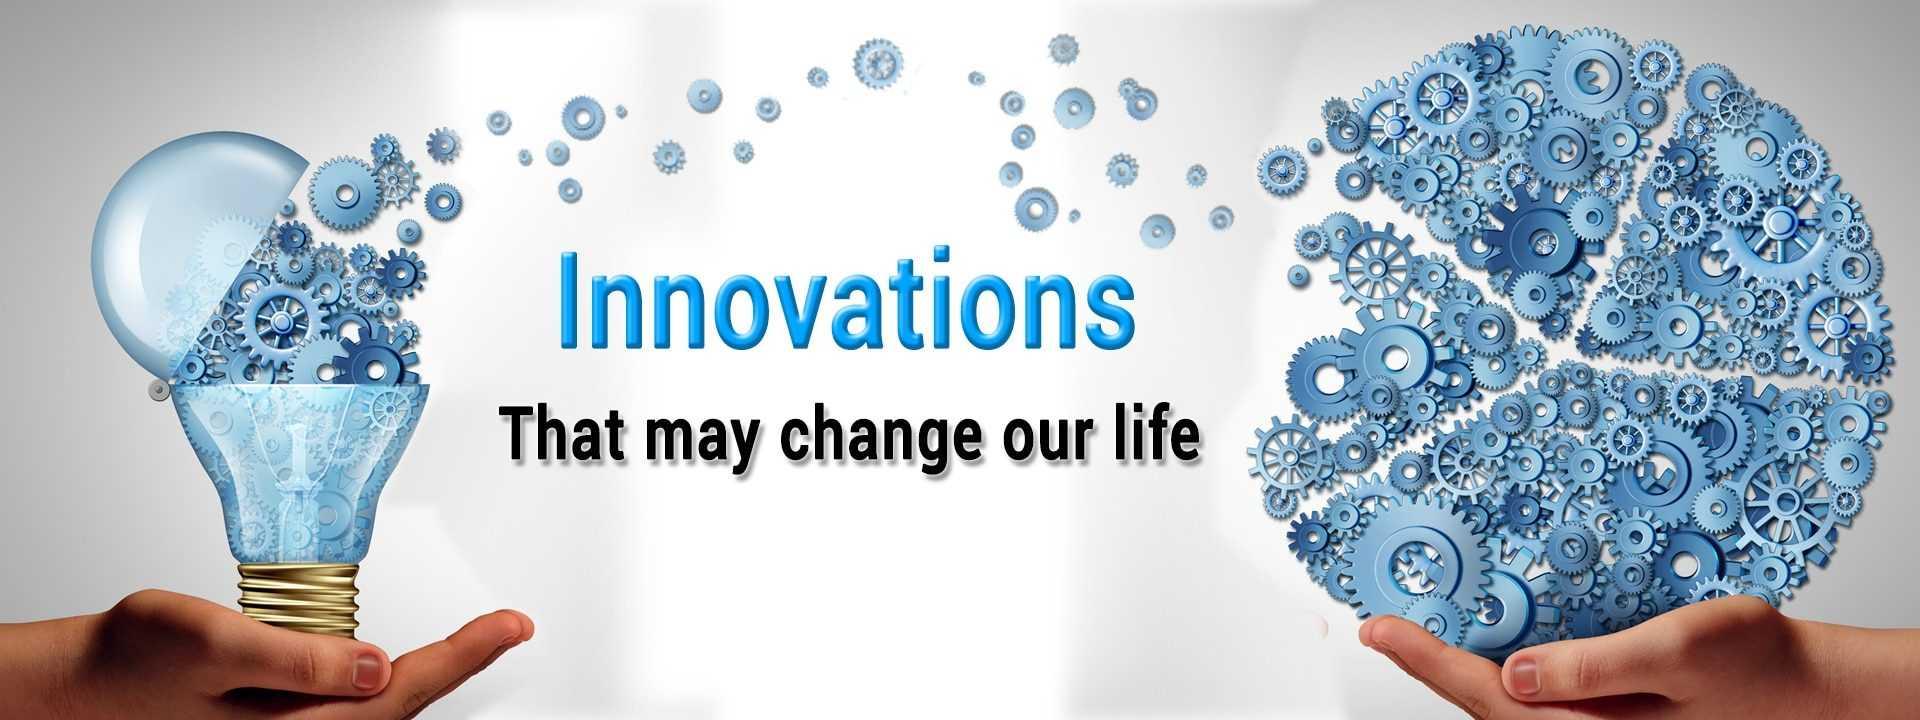 Innovations-new